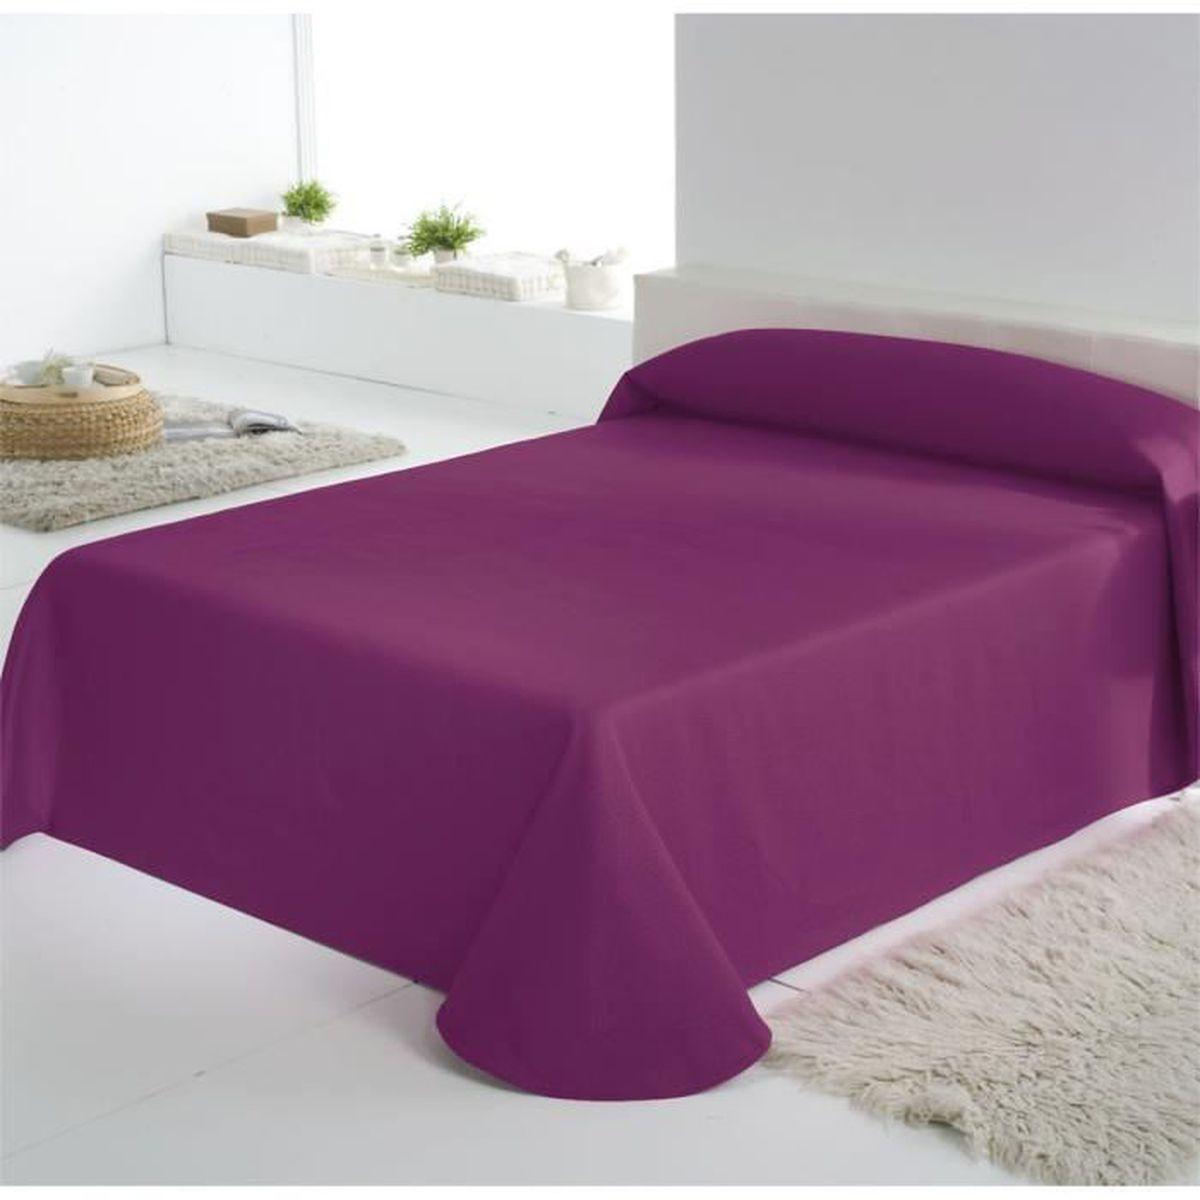 couvre lit aubergine Couvre lit Trebol effet gaufré Aubergine 180 x 270 cm   Achat  couvre lit aubergine